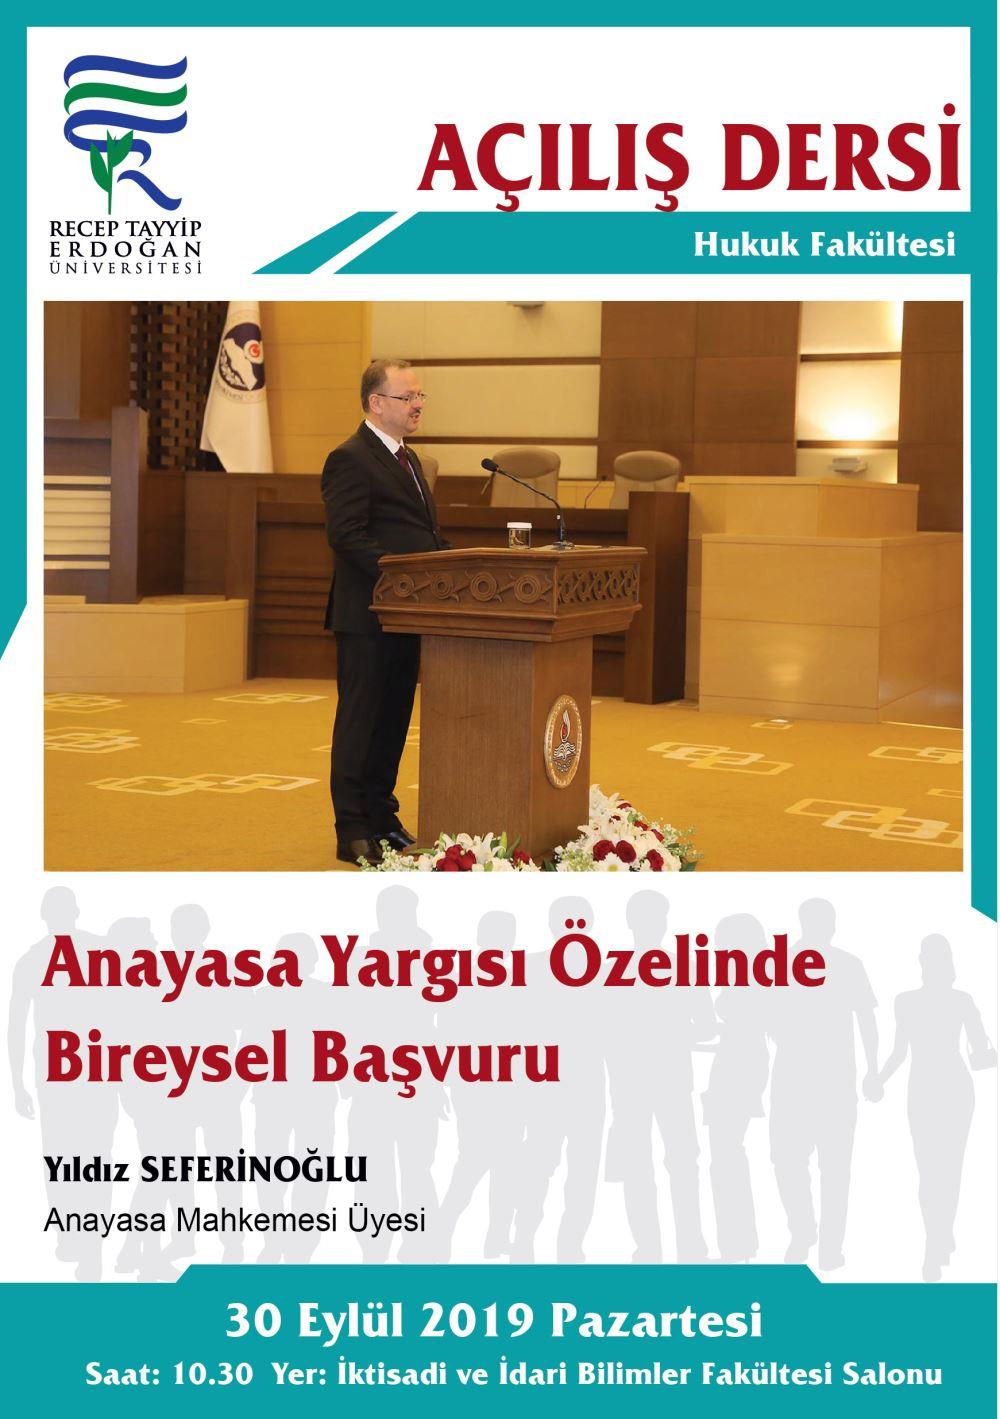 Açılış Dersi (Anayasa Yargısı Özelinde Bireysel Başvuru)